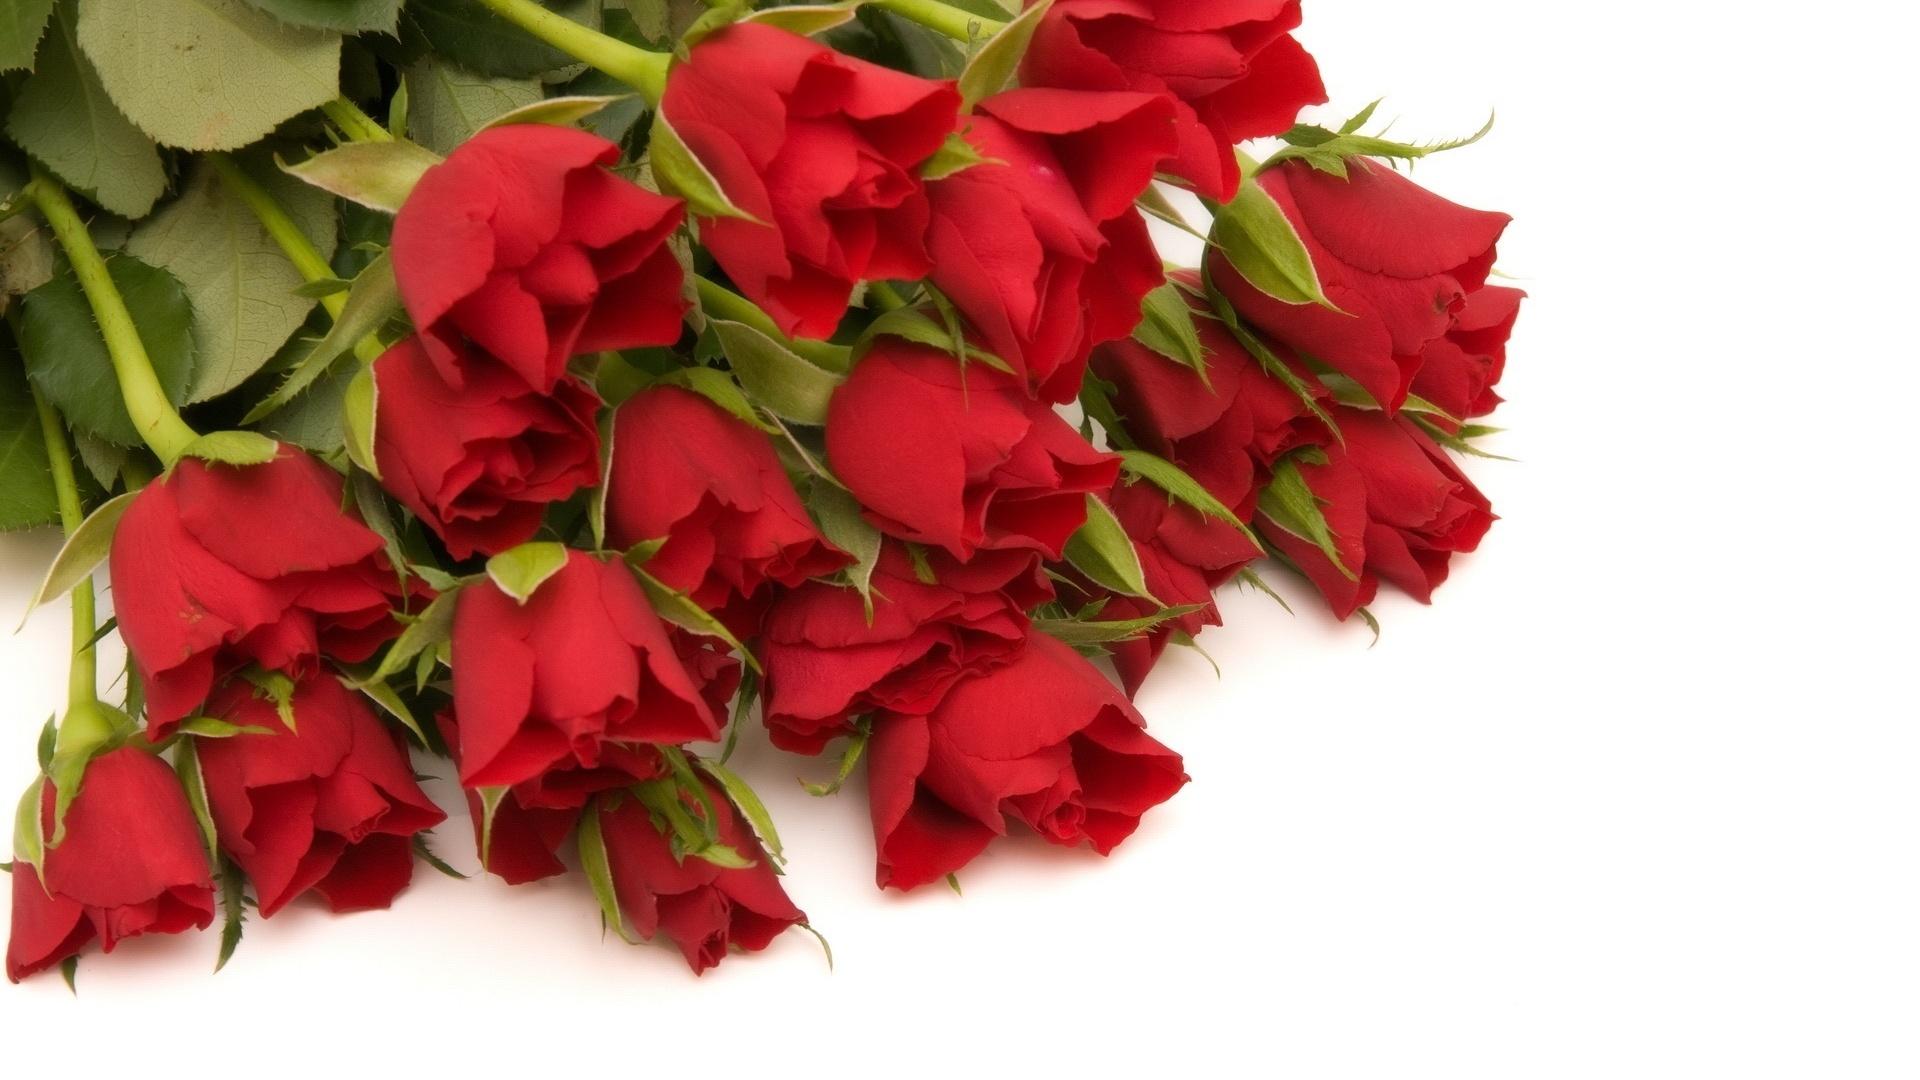 картинка шикарные розы на белом фоне тот момент